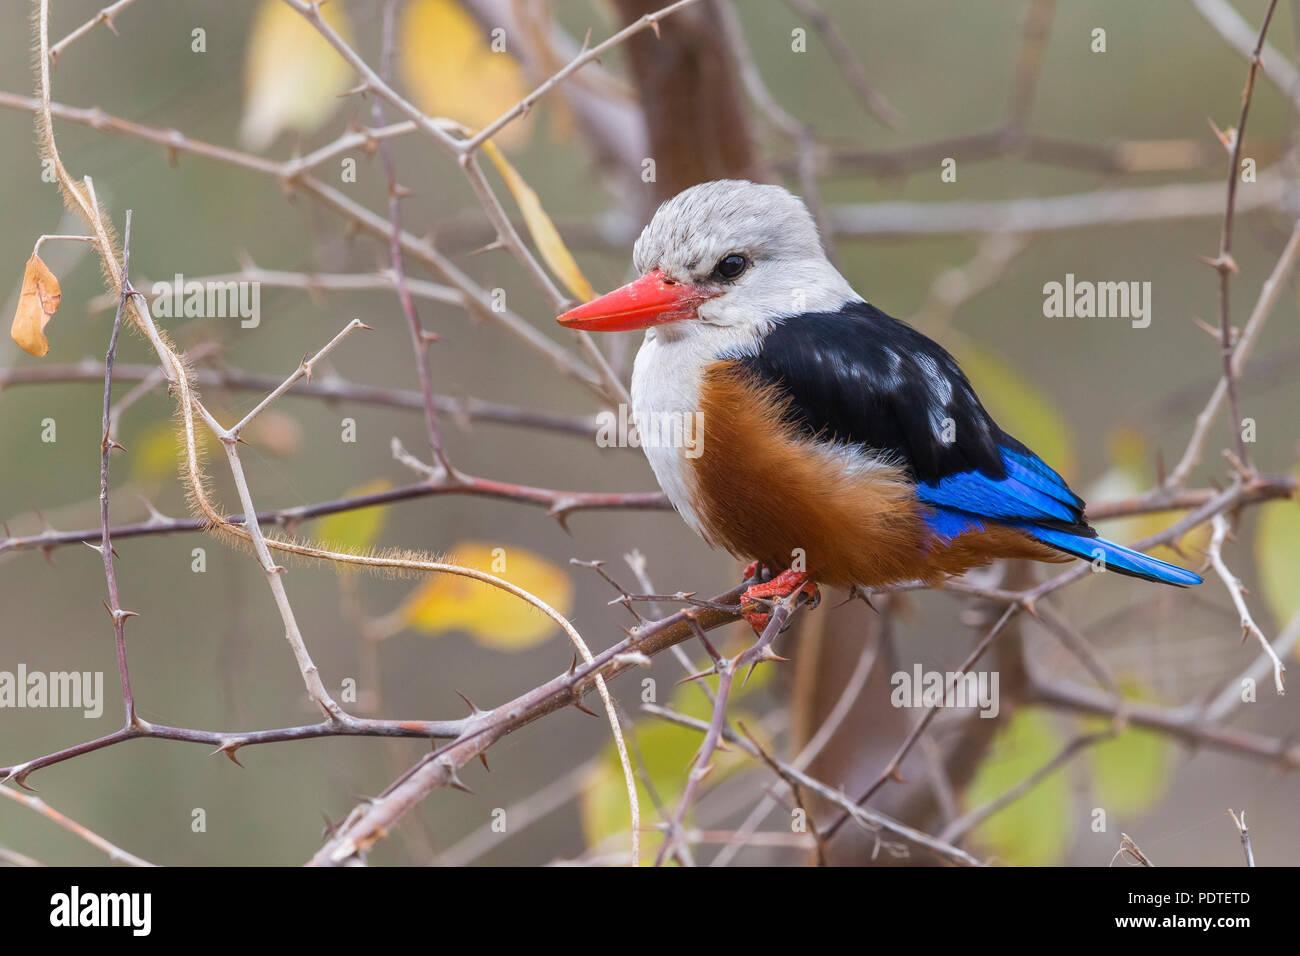 Grey-headed Kingfisher; Halcyon leucocephala - Stock Image